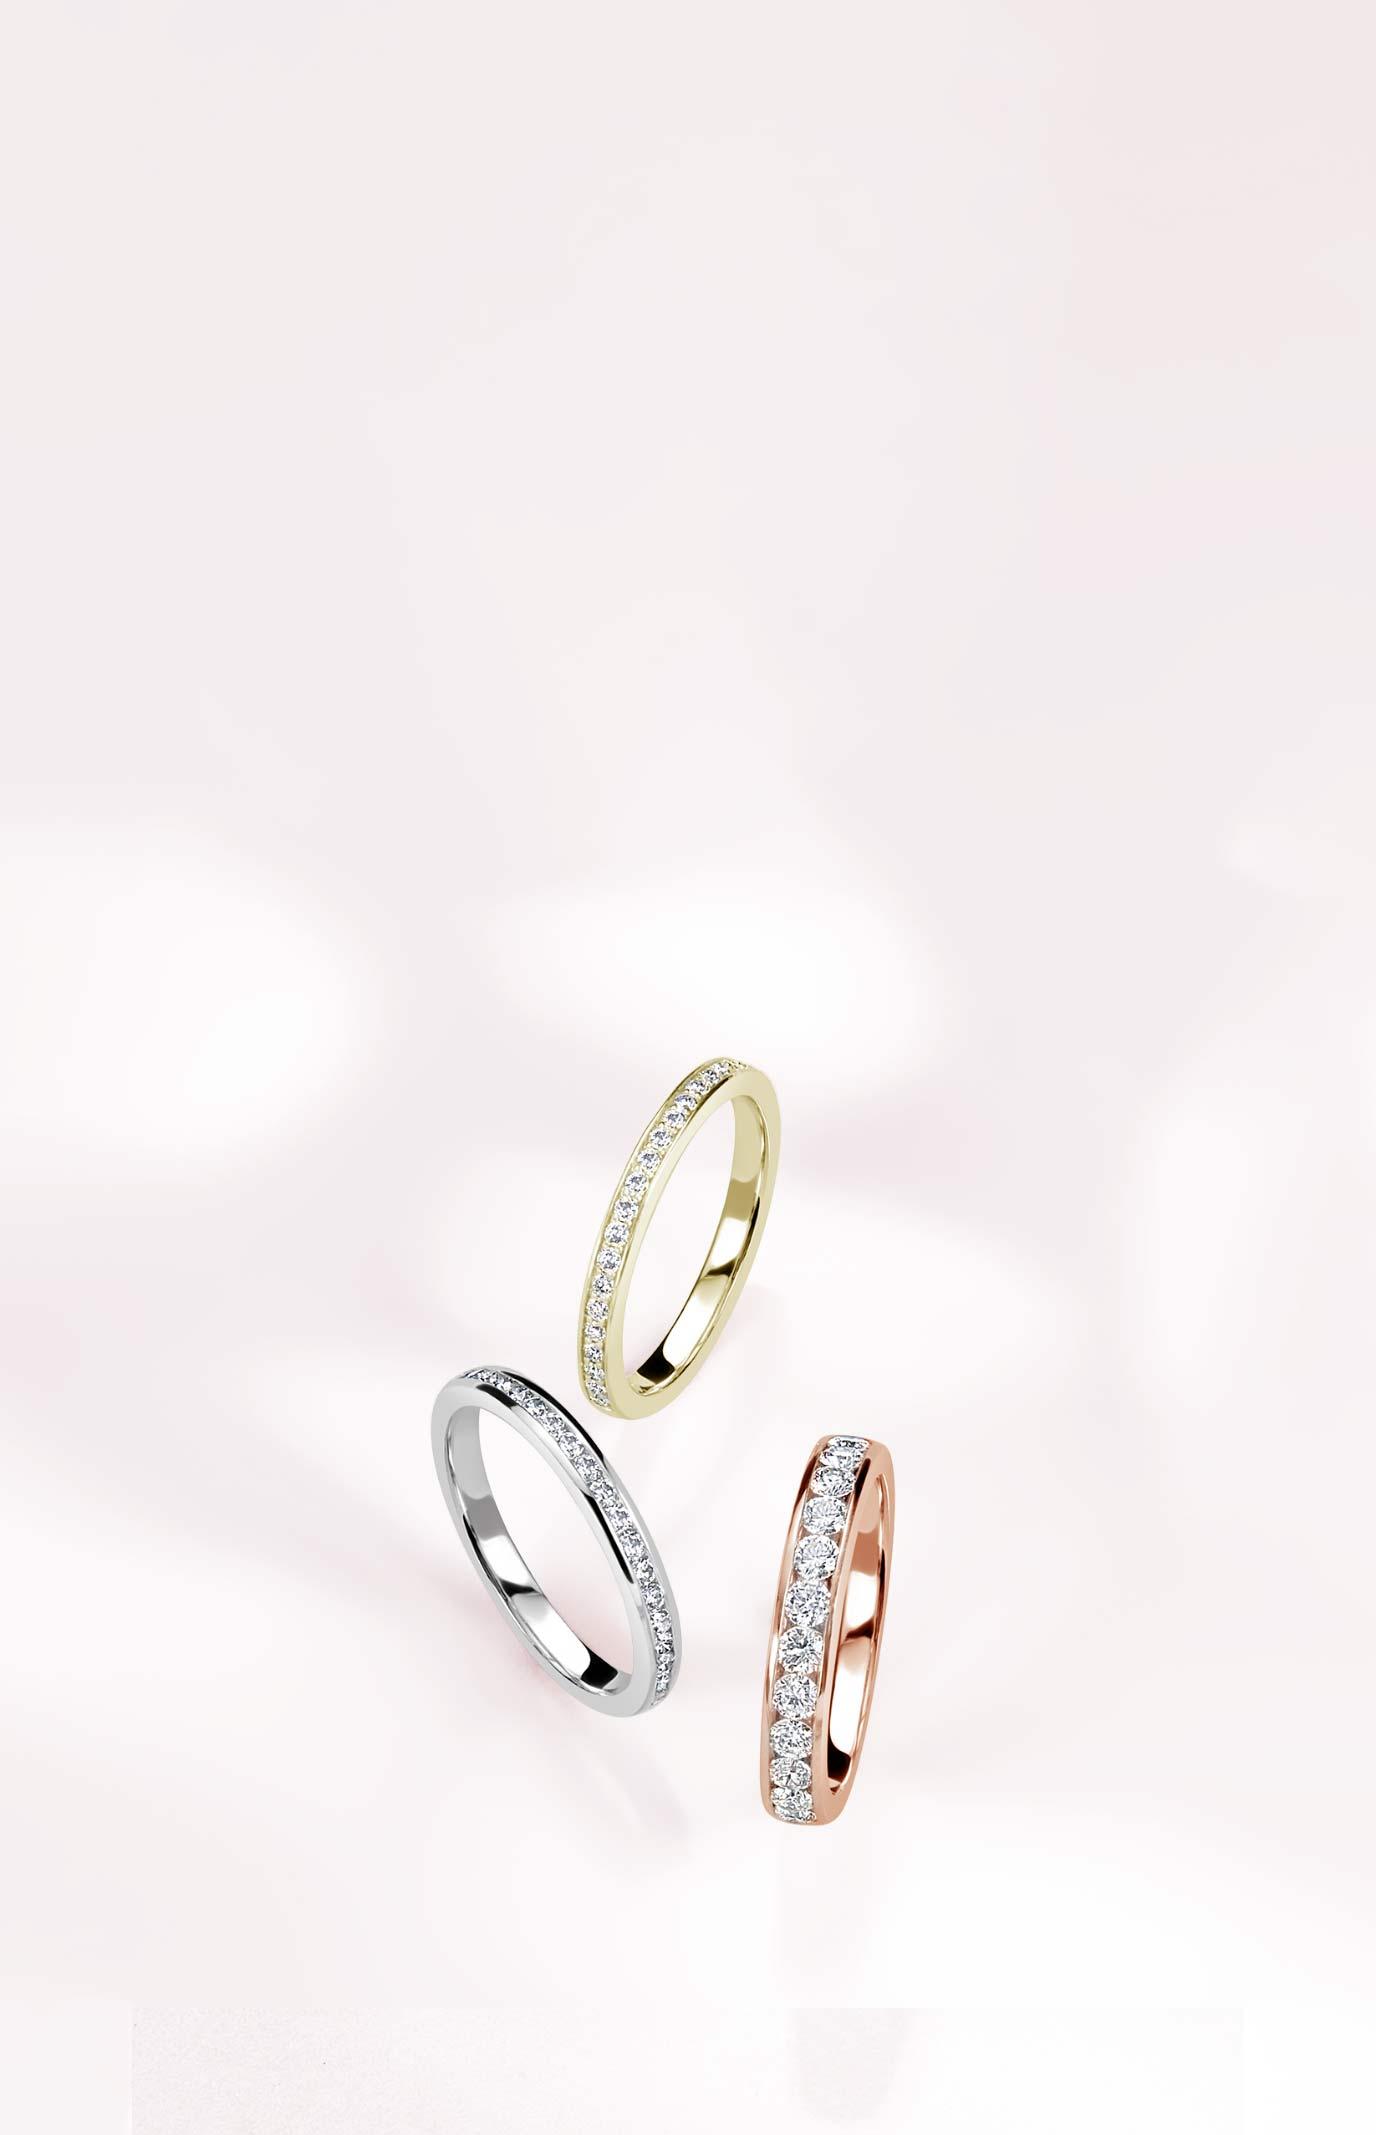 Men's Diamond Wedding Rings - Steven Stone